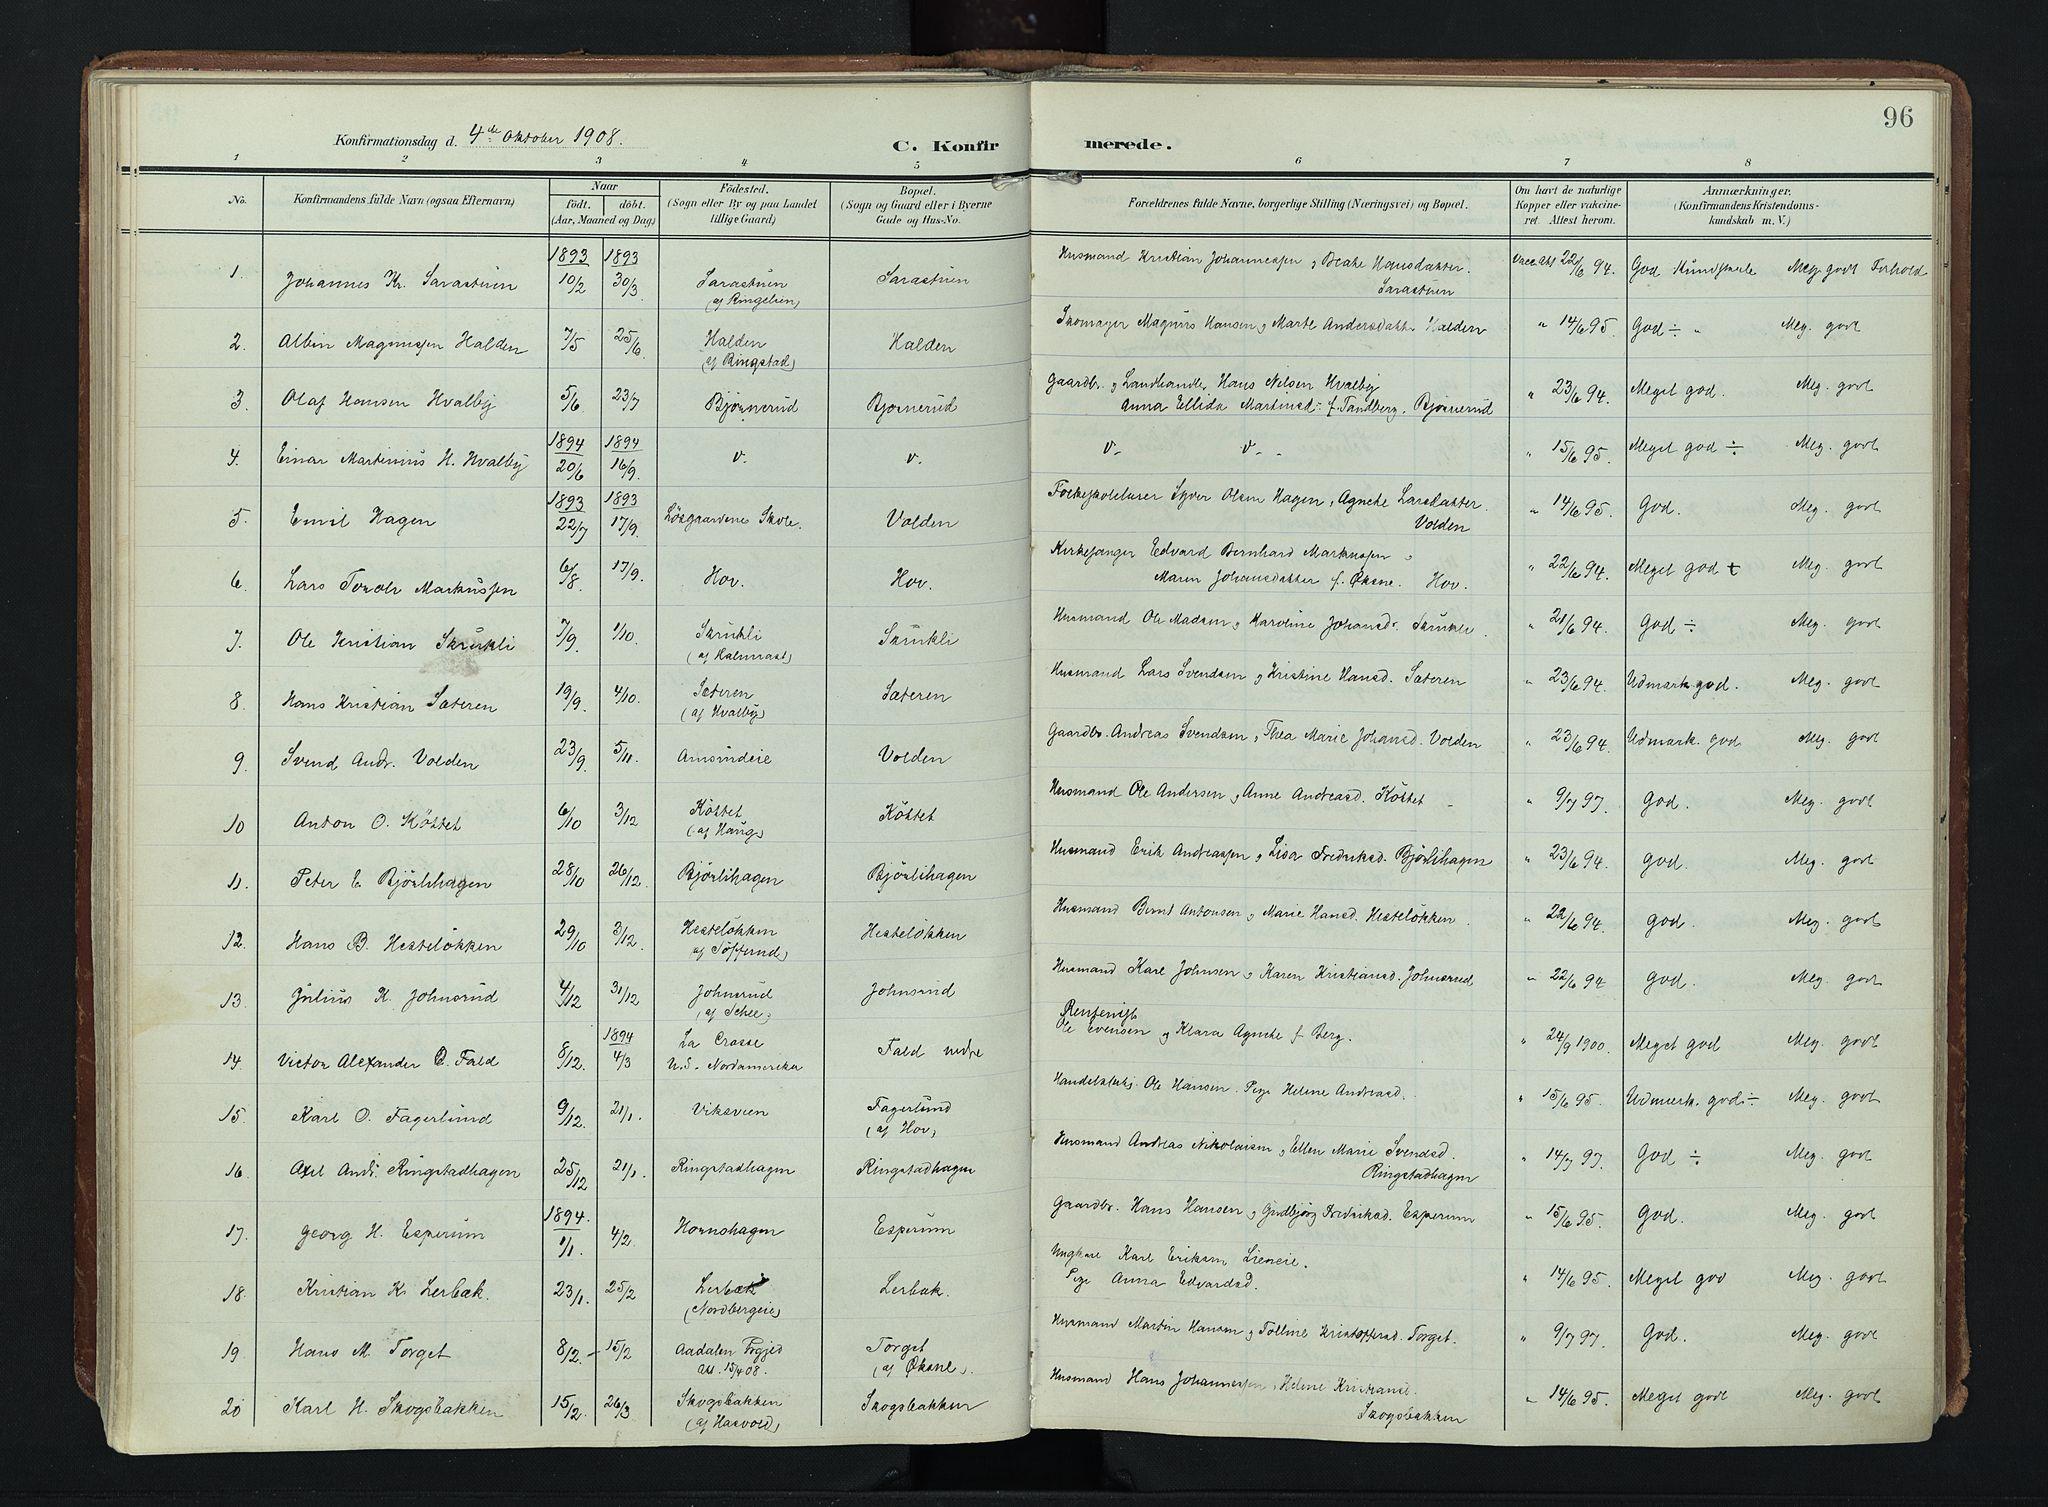 SAH, Søndre Land prestekontor, K/L0007: Ministerialbok nr. 7, 1905-1914, s. 96